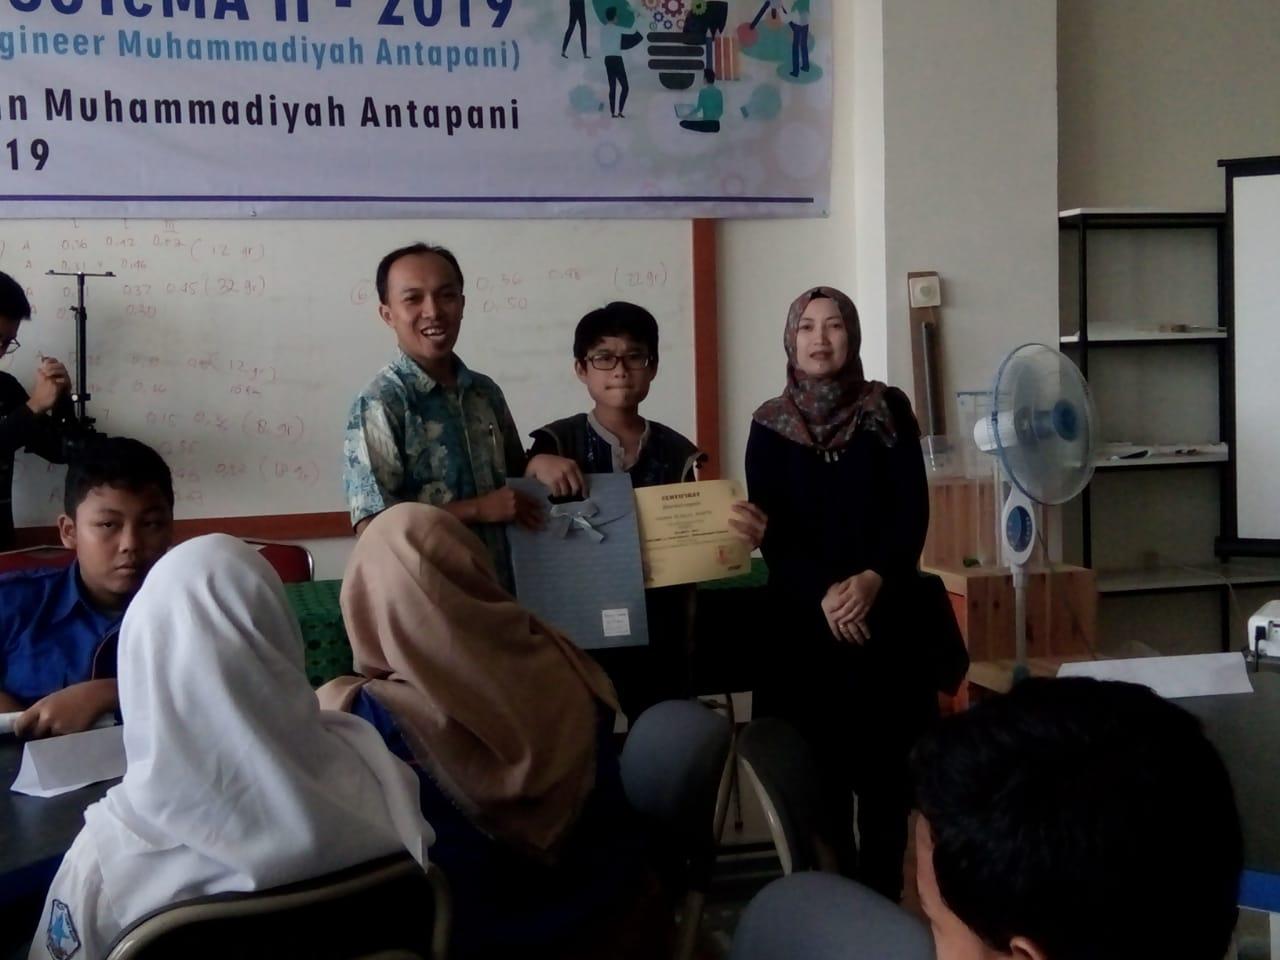 Siswa SMP Al-Khulafa meraih Juara I Kegiatan STEM 2019 Se-Kota Bandung